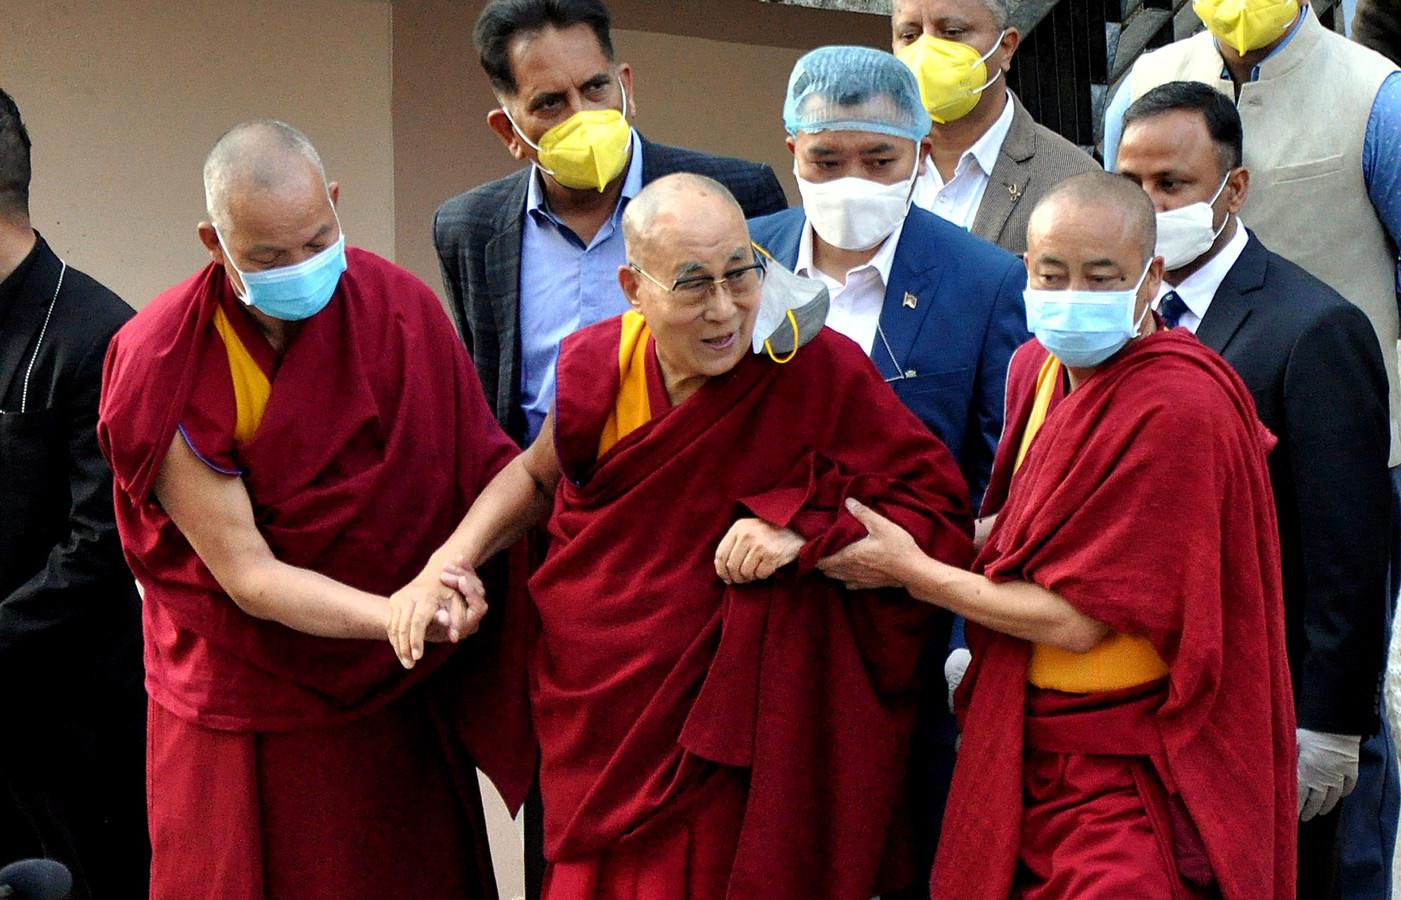 De Dalai Lama verlaat het ziekenhuis in Dharmsala na zijn coronaprik te hebben ontvangen.